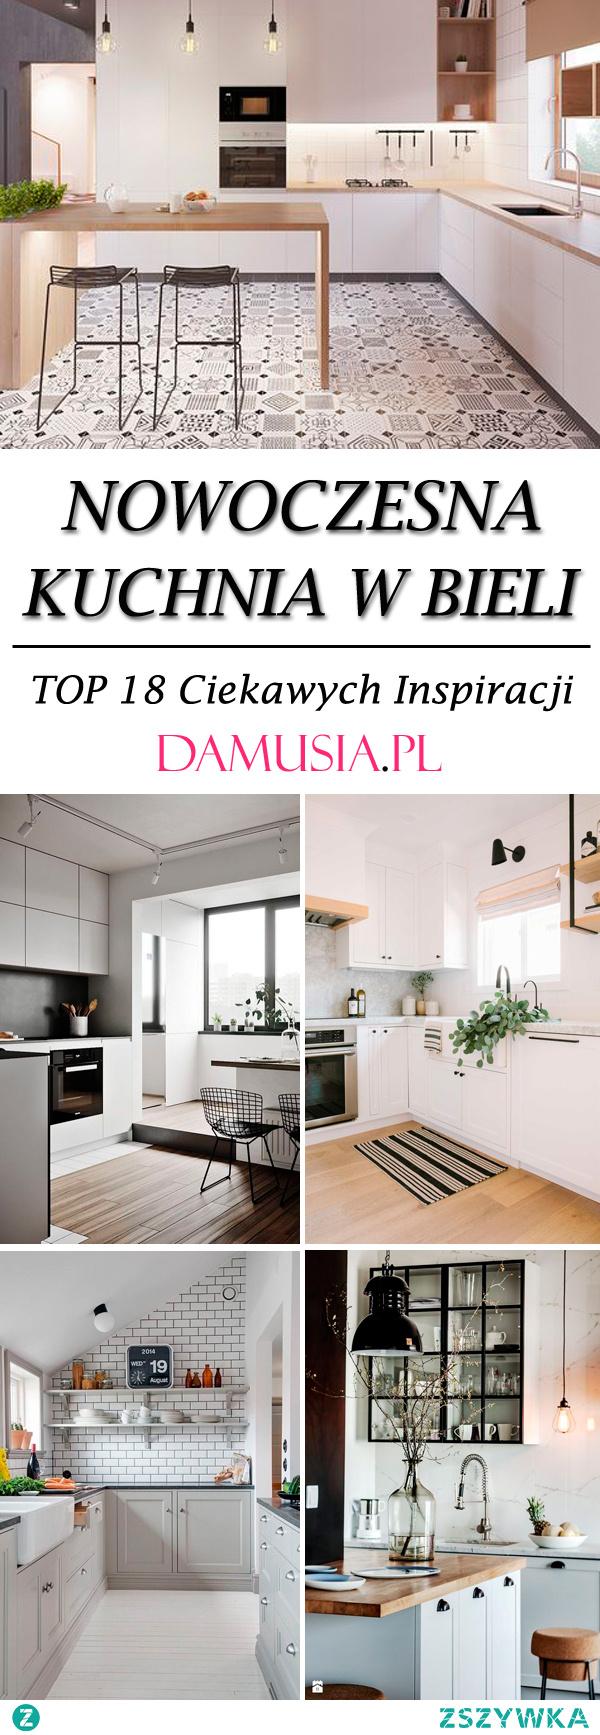 Nowoczesna Kuchnia w Bieli: TOP 18 Ciekawych Inspiracji